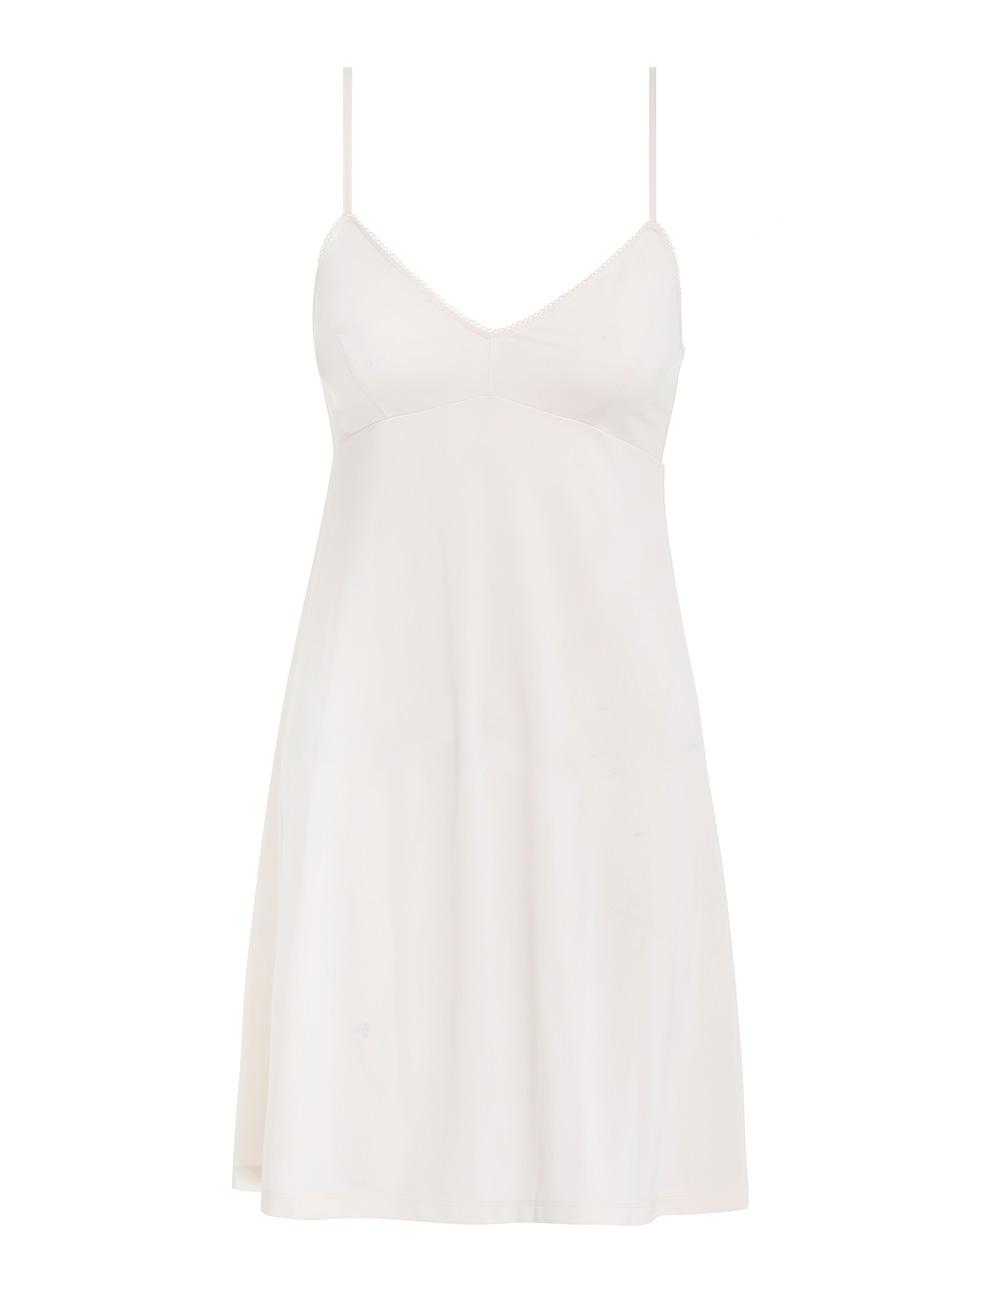 Cassia Lace Short Dress